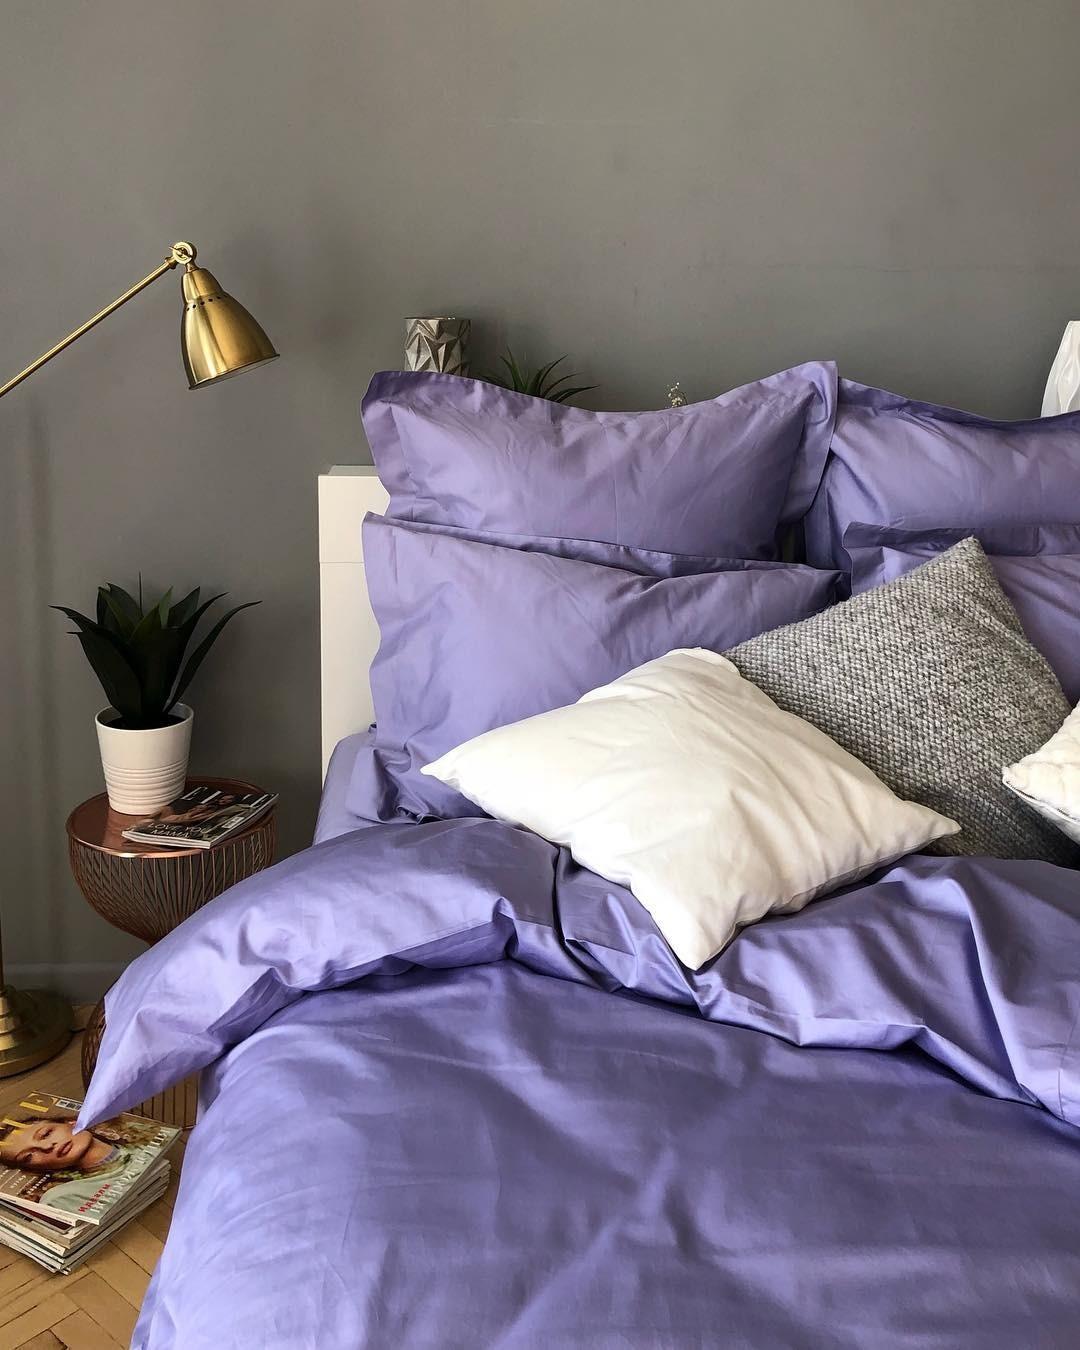 Уделите внимание качеству матраса и подушек в спальне